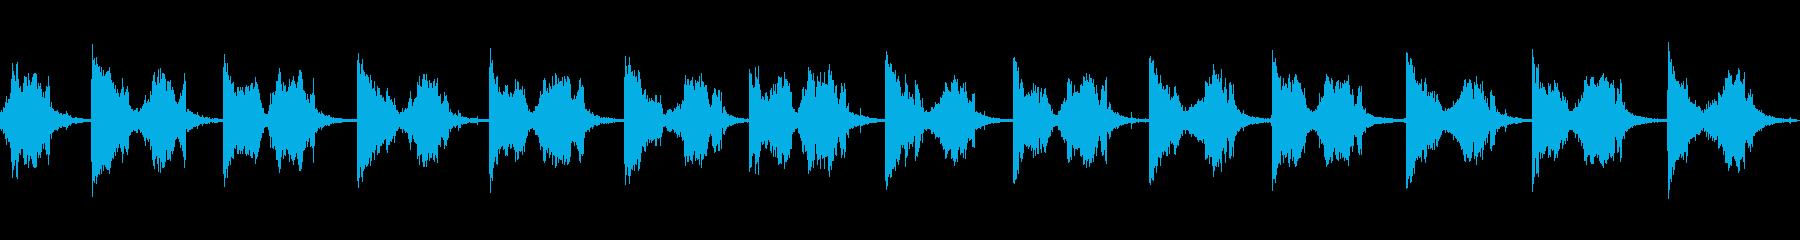 シャープナイフファーストの再生済みの波形